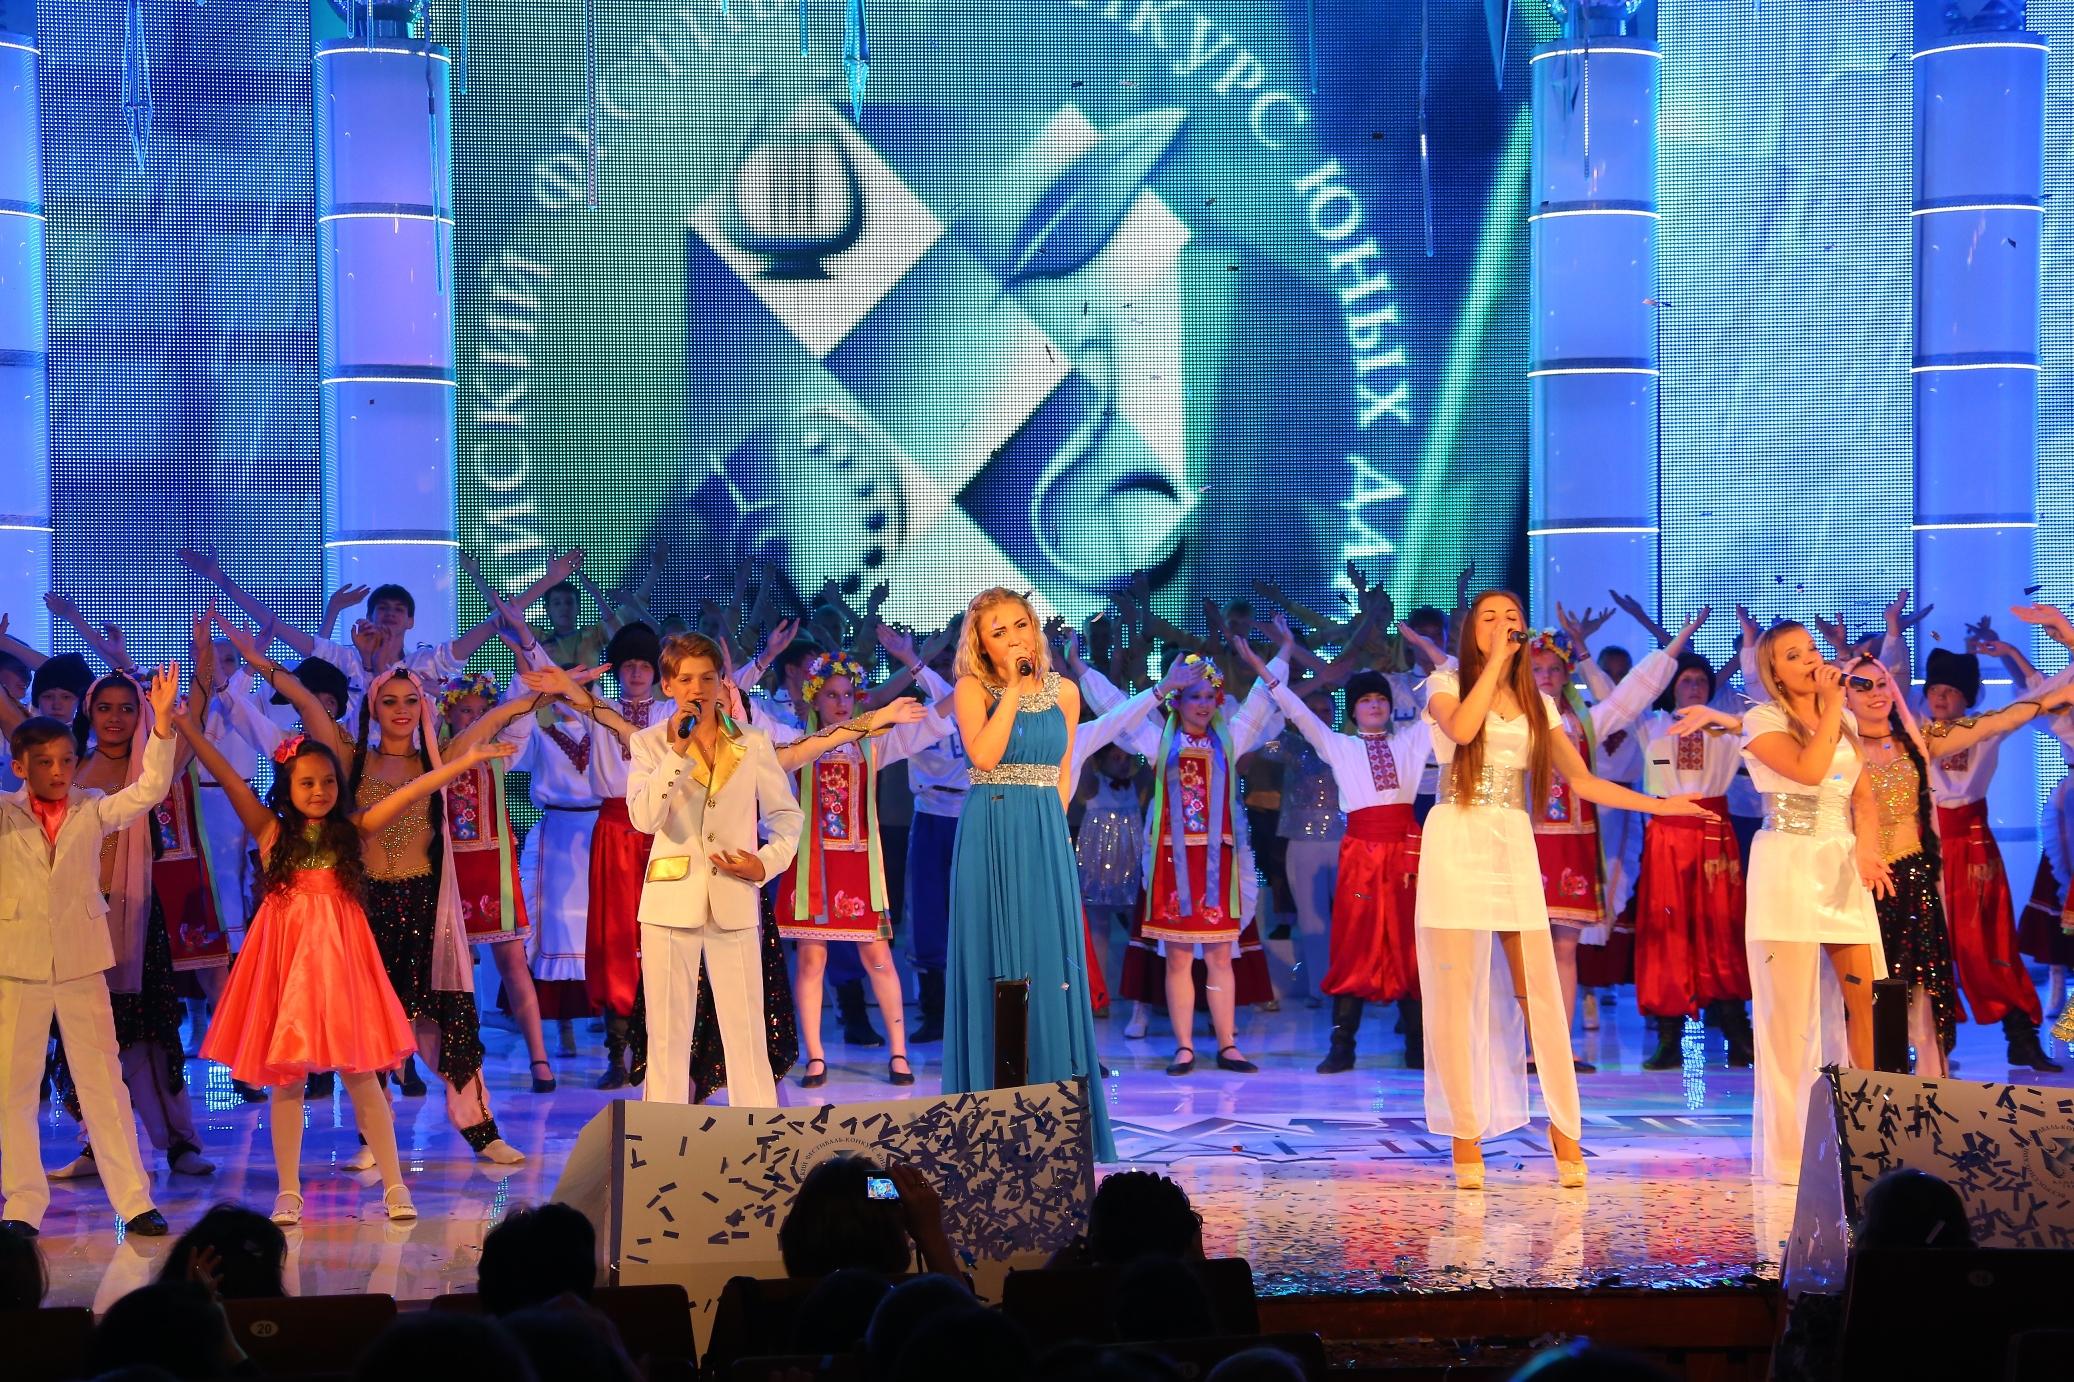 Юлия Ковальчук выступит на детском концерте в Екатеринбурге